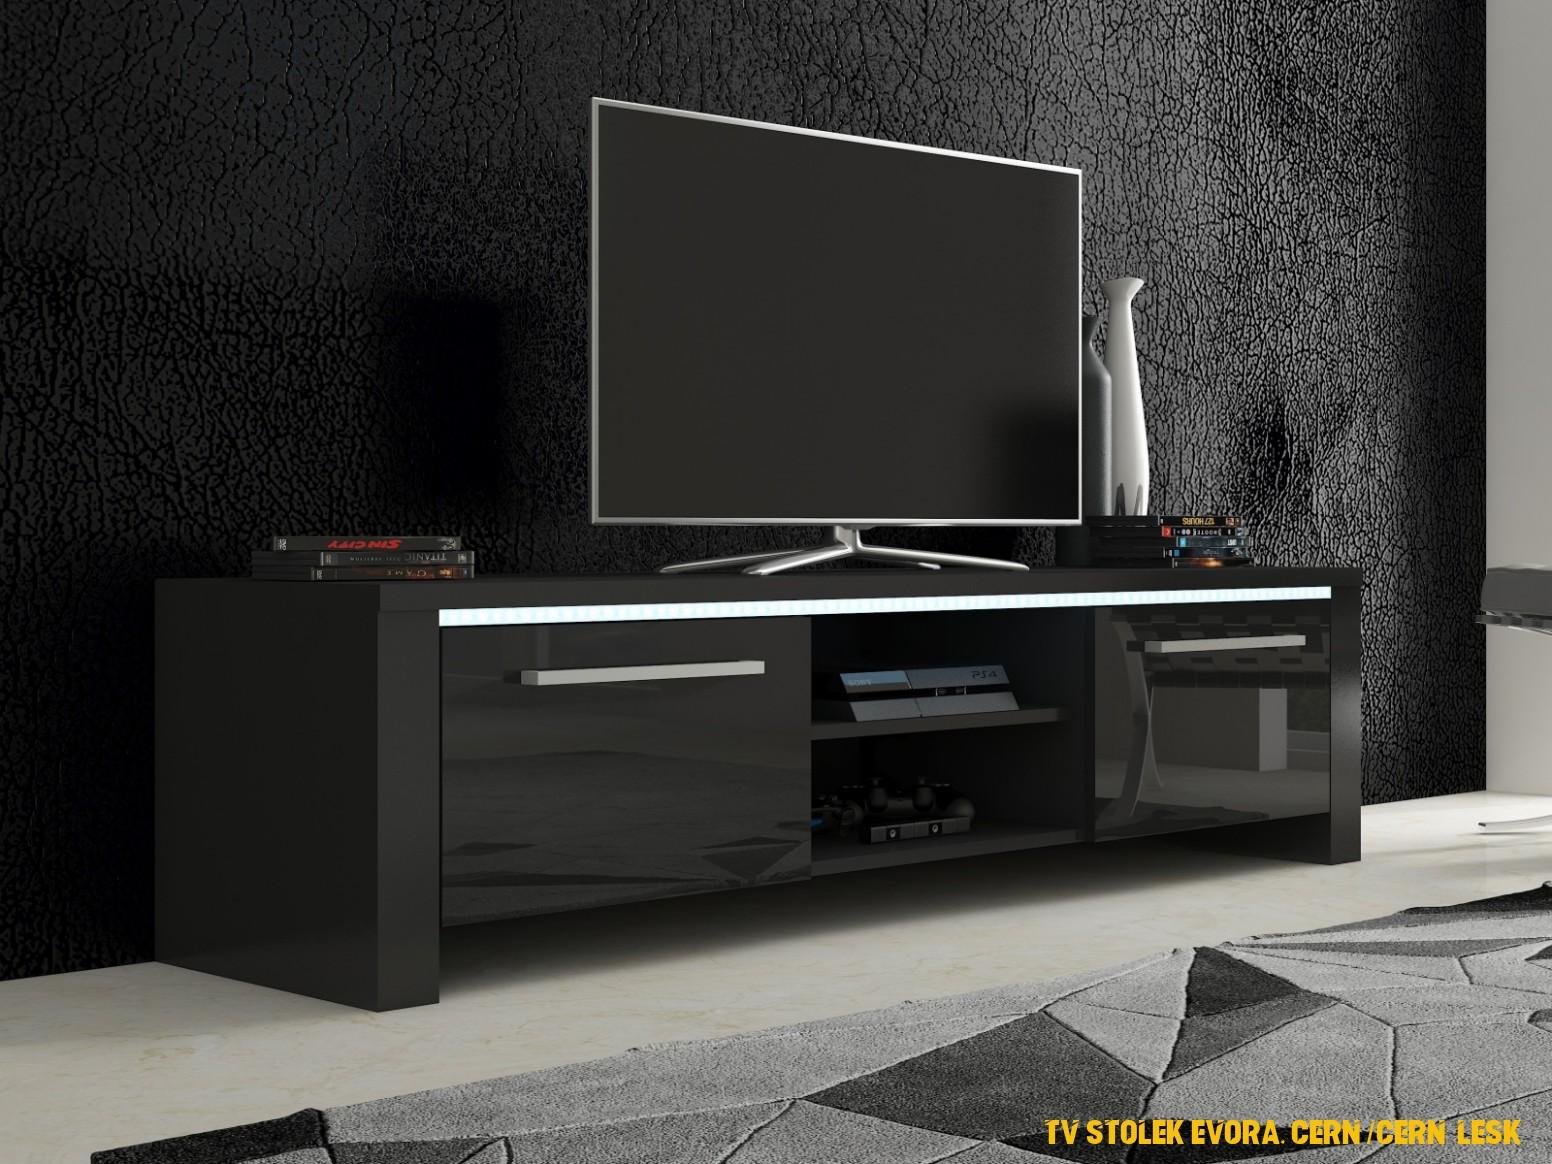 TV stolek Evora, cerná / cerný lesk